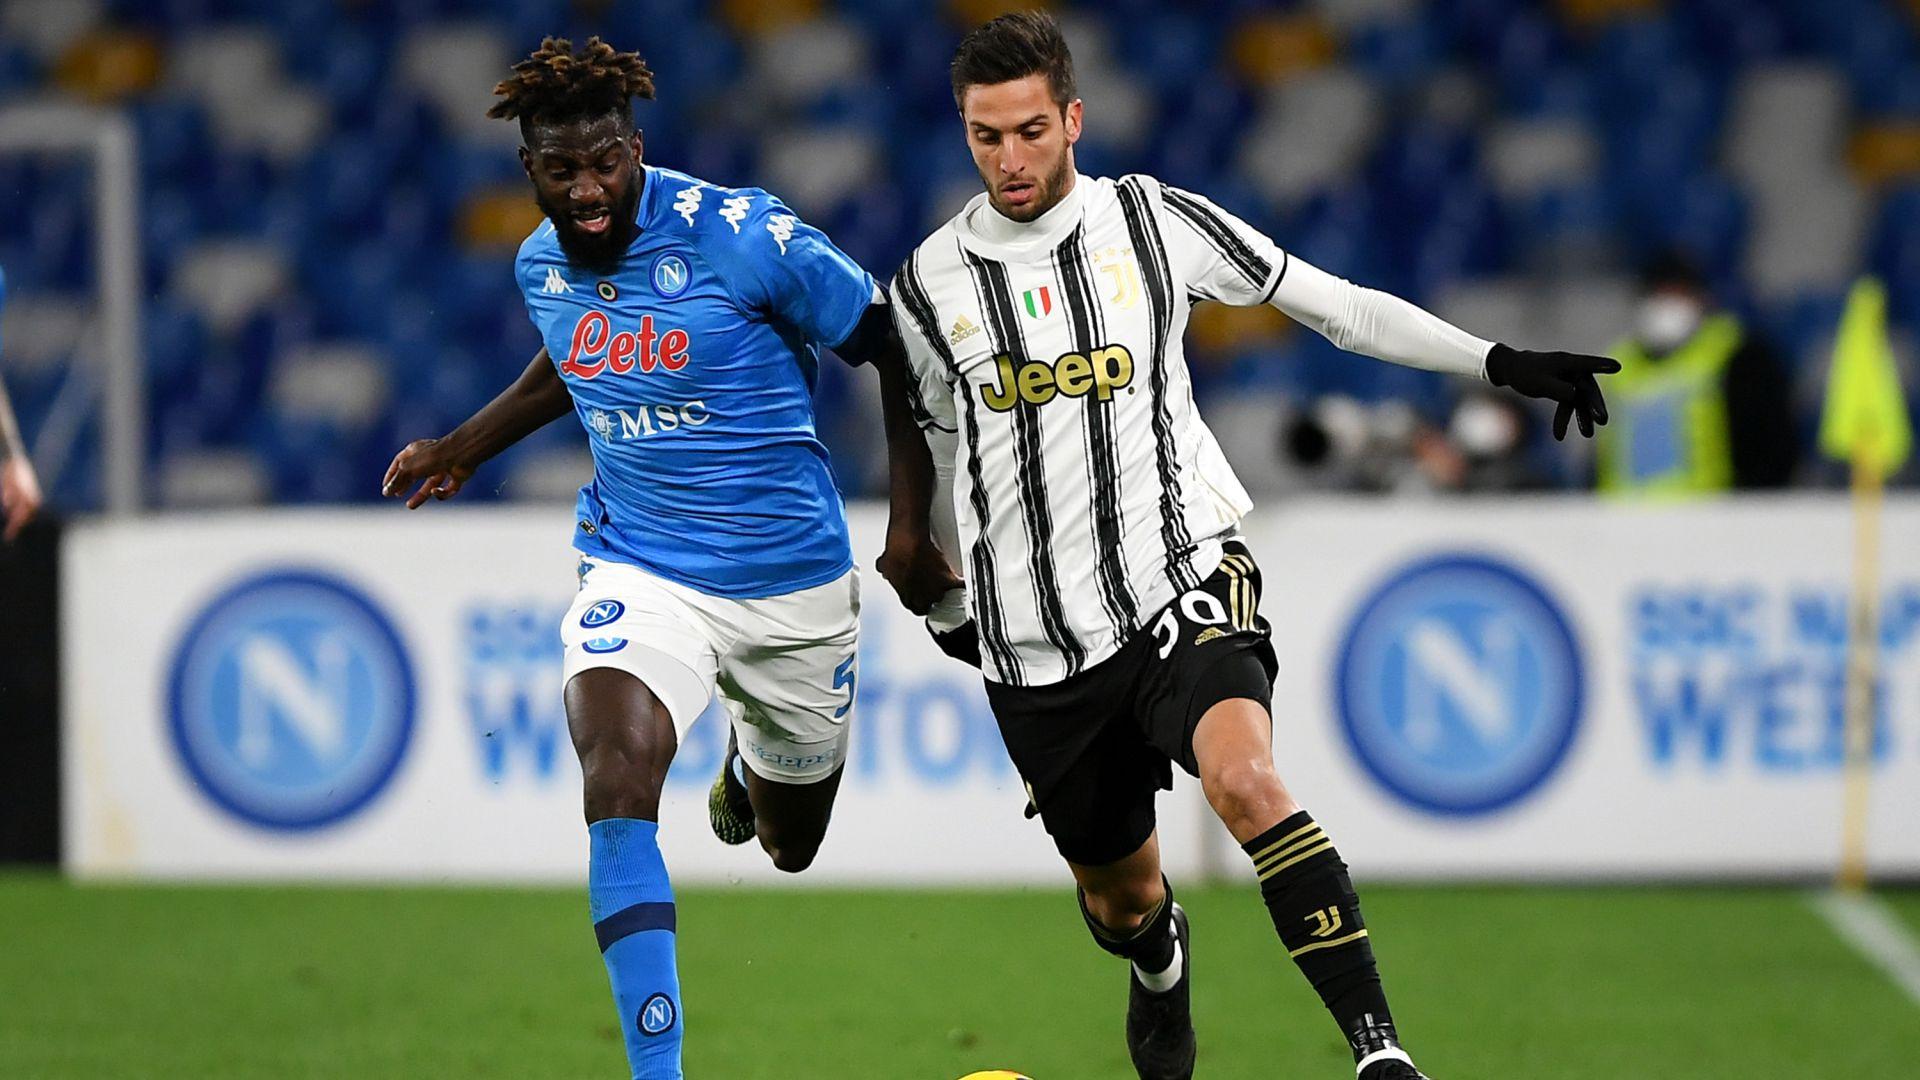 Juventus-Napoli, azzurri eliminati in Europa League: recupero il 17 marzo